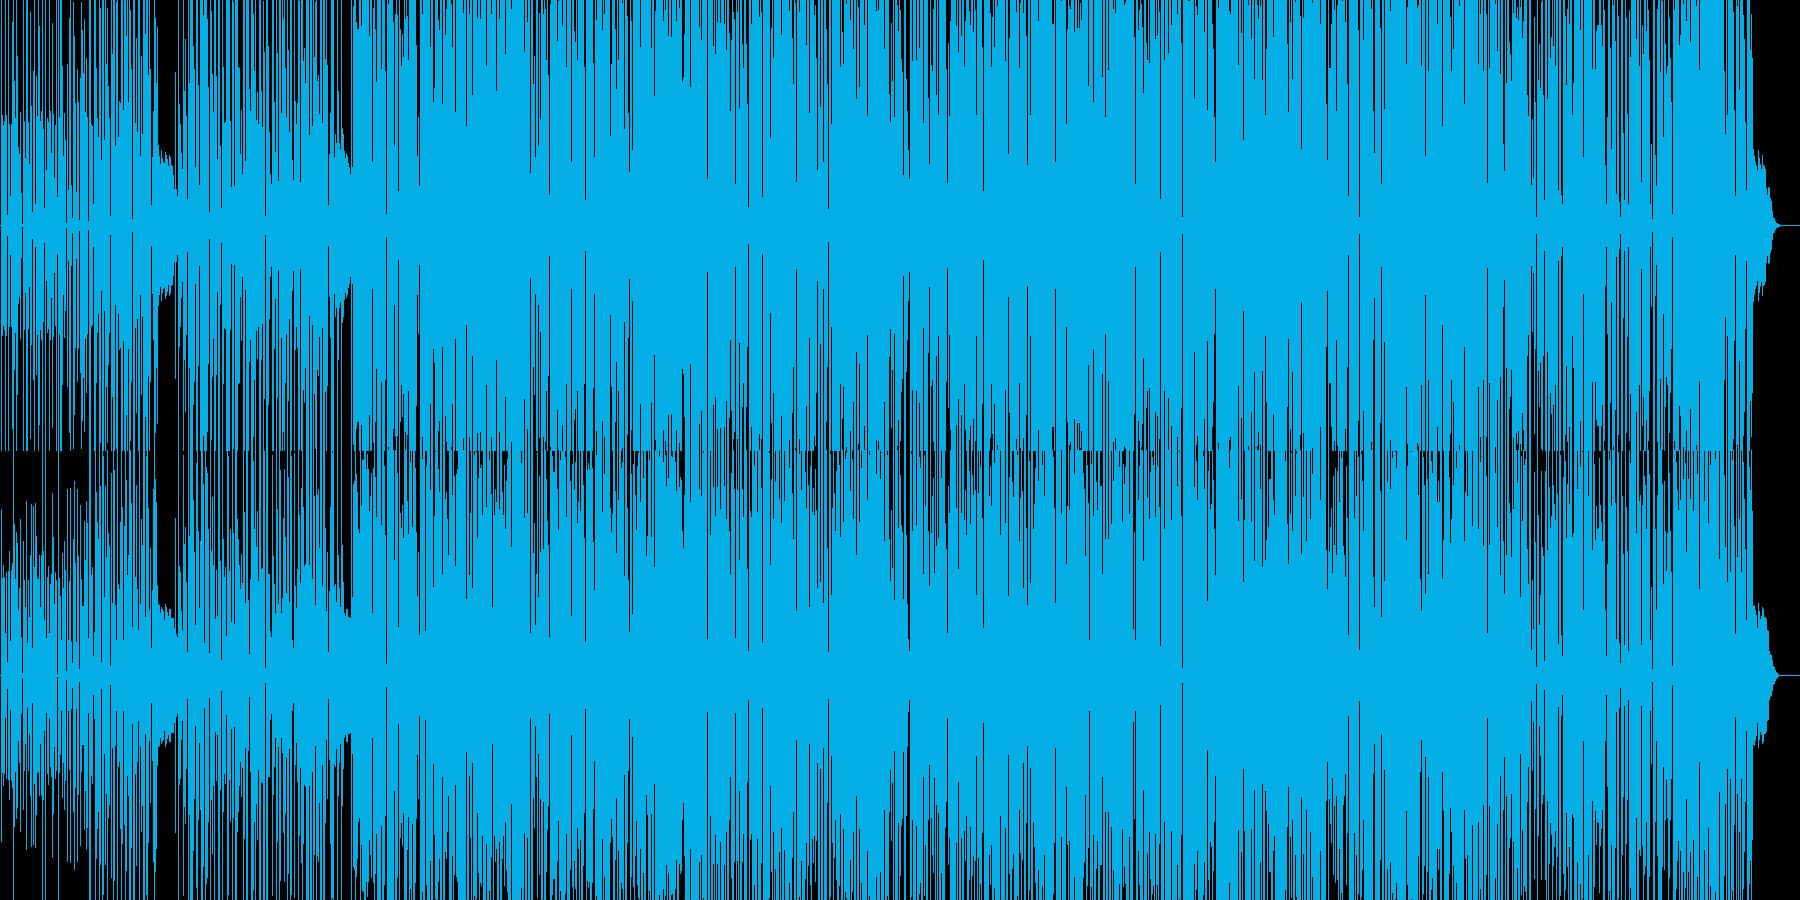 躍動感のある、やや無機質なテクノの再生済みの波形